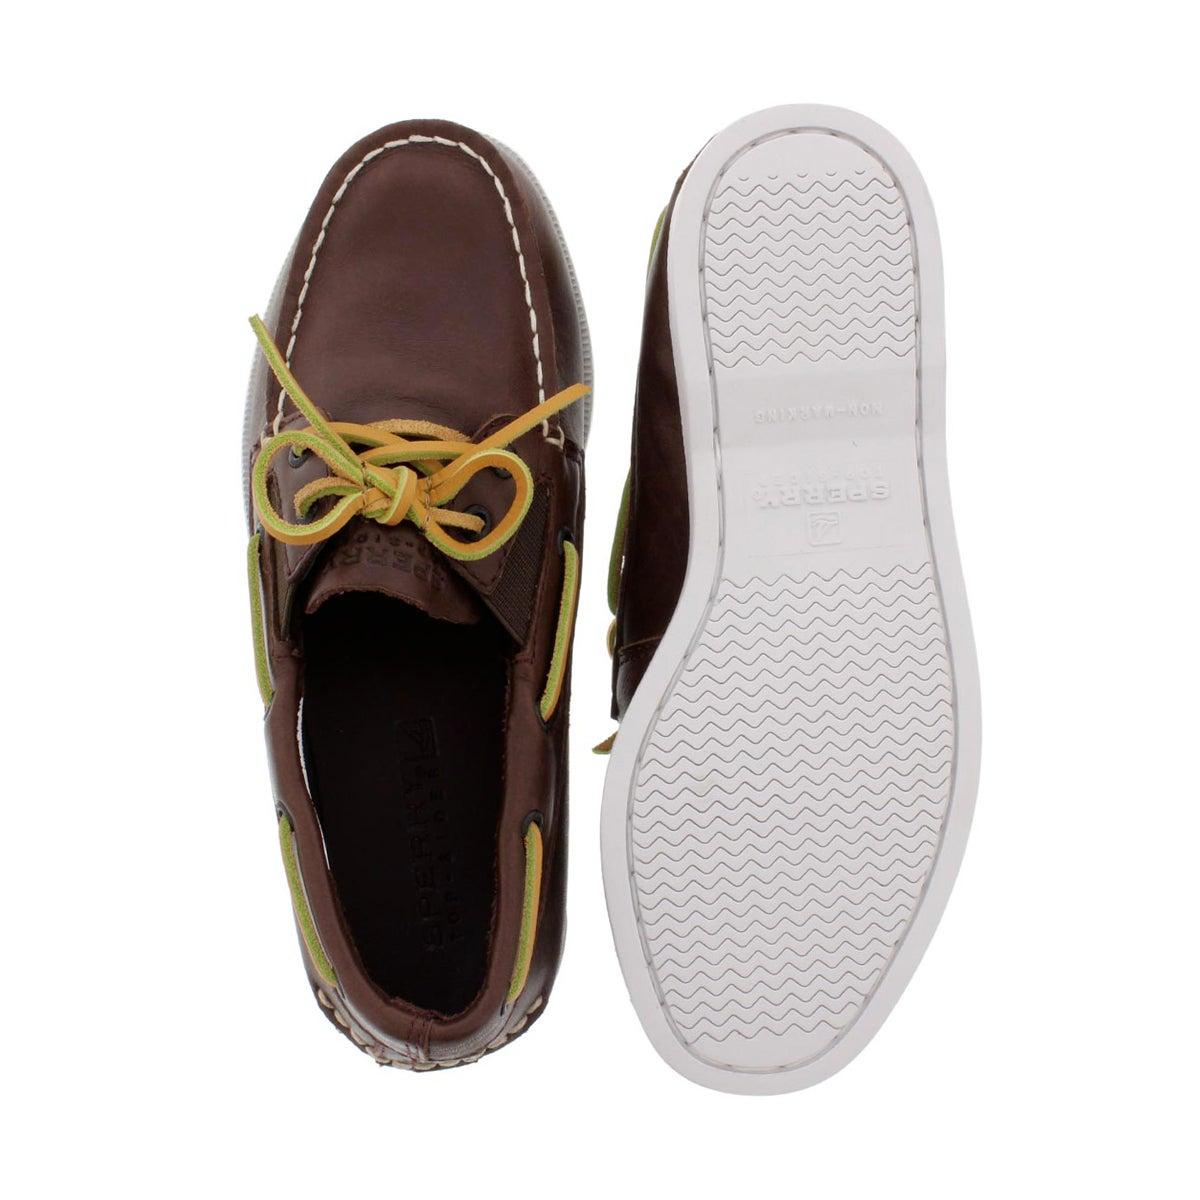 Bys A/O Slip On brown lthr boat shoe